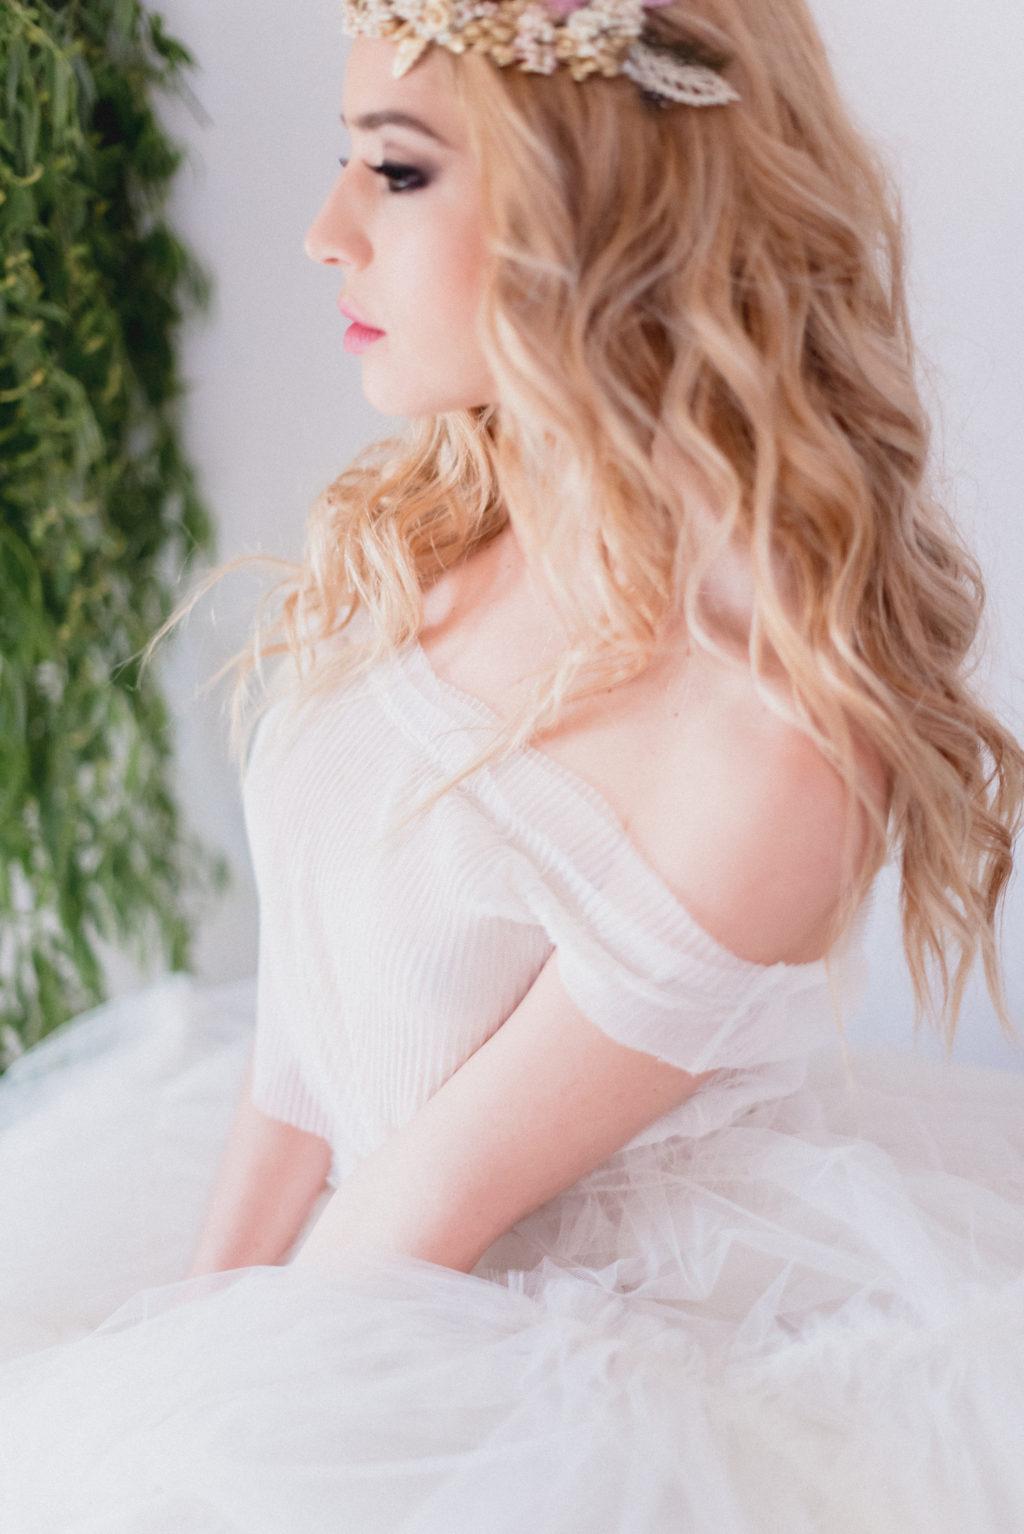 Bailarina 11 - El Sueño de una Novia Bailarina